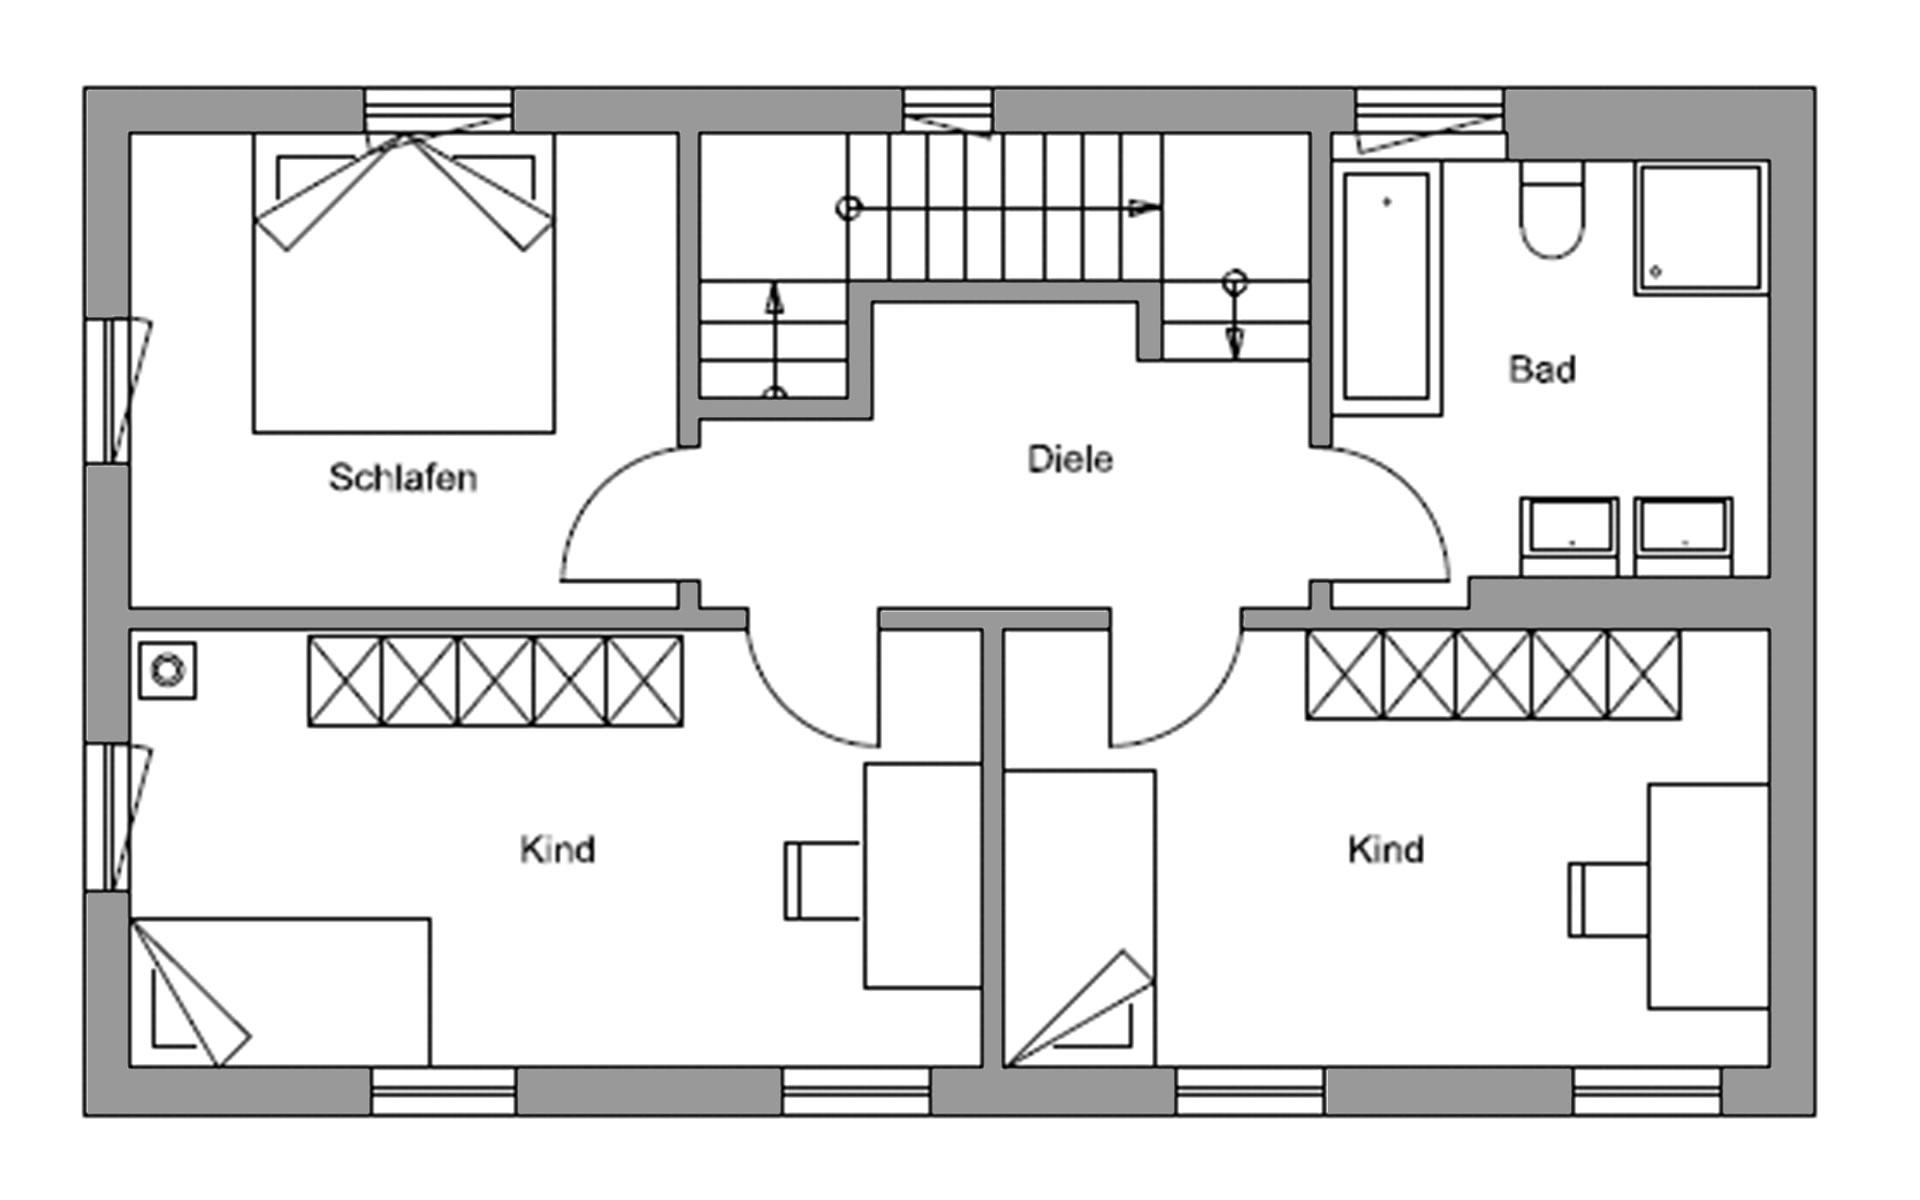 Obergeschoss Volders von Regnauer Hausbau GmbH & Co. KG